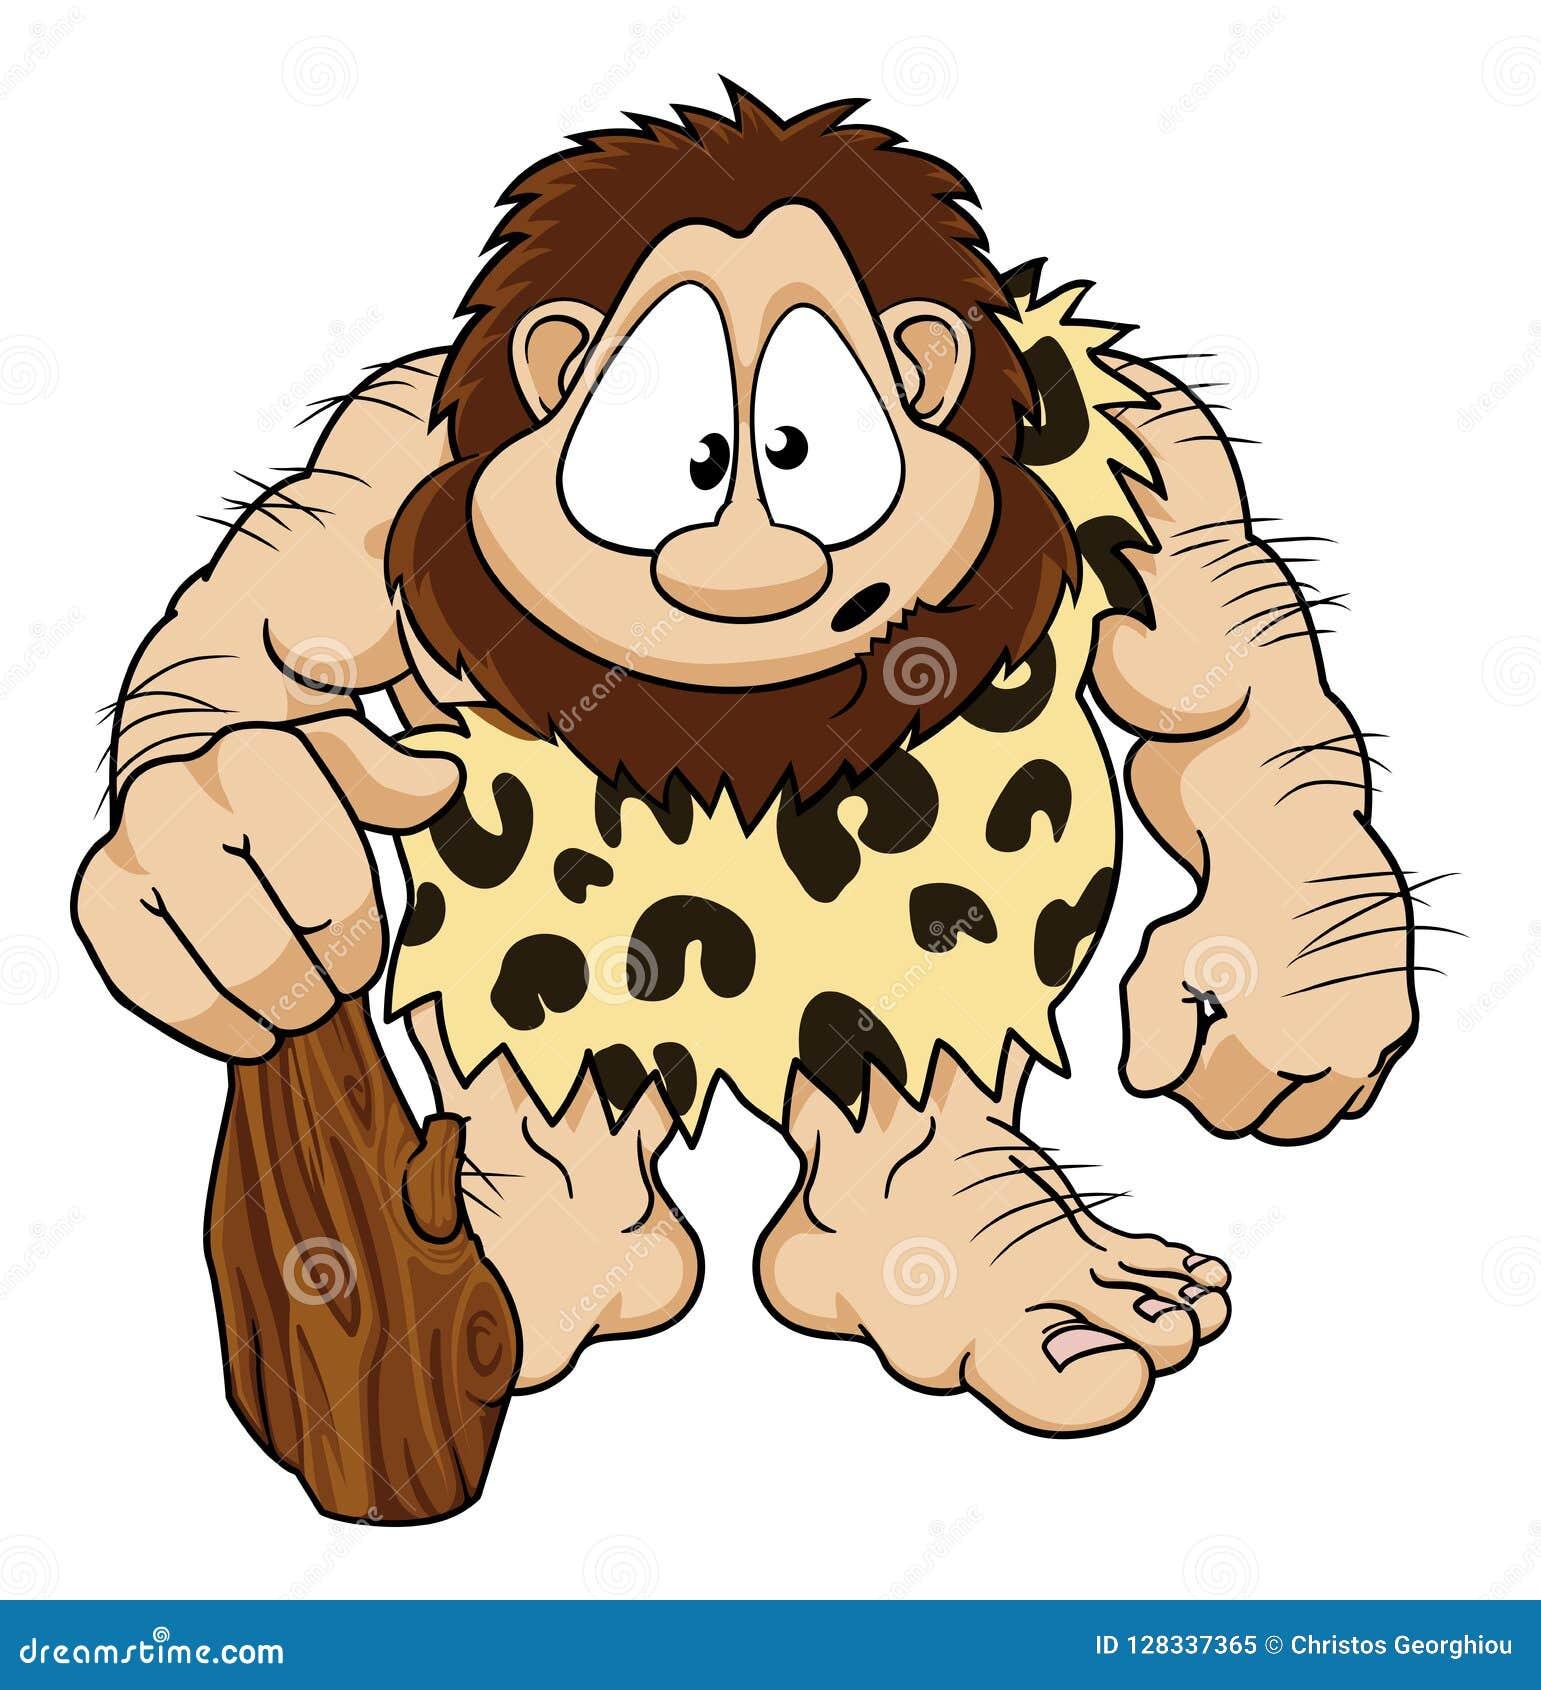 Personaje De Dibujos Animados Del Hombre De Las Cavernas